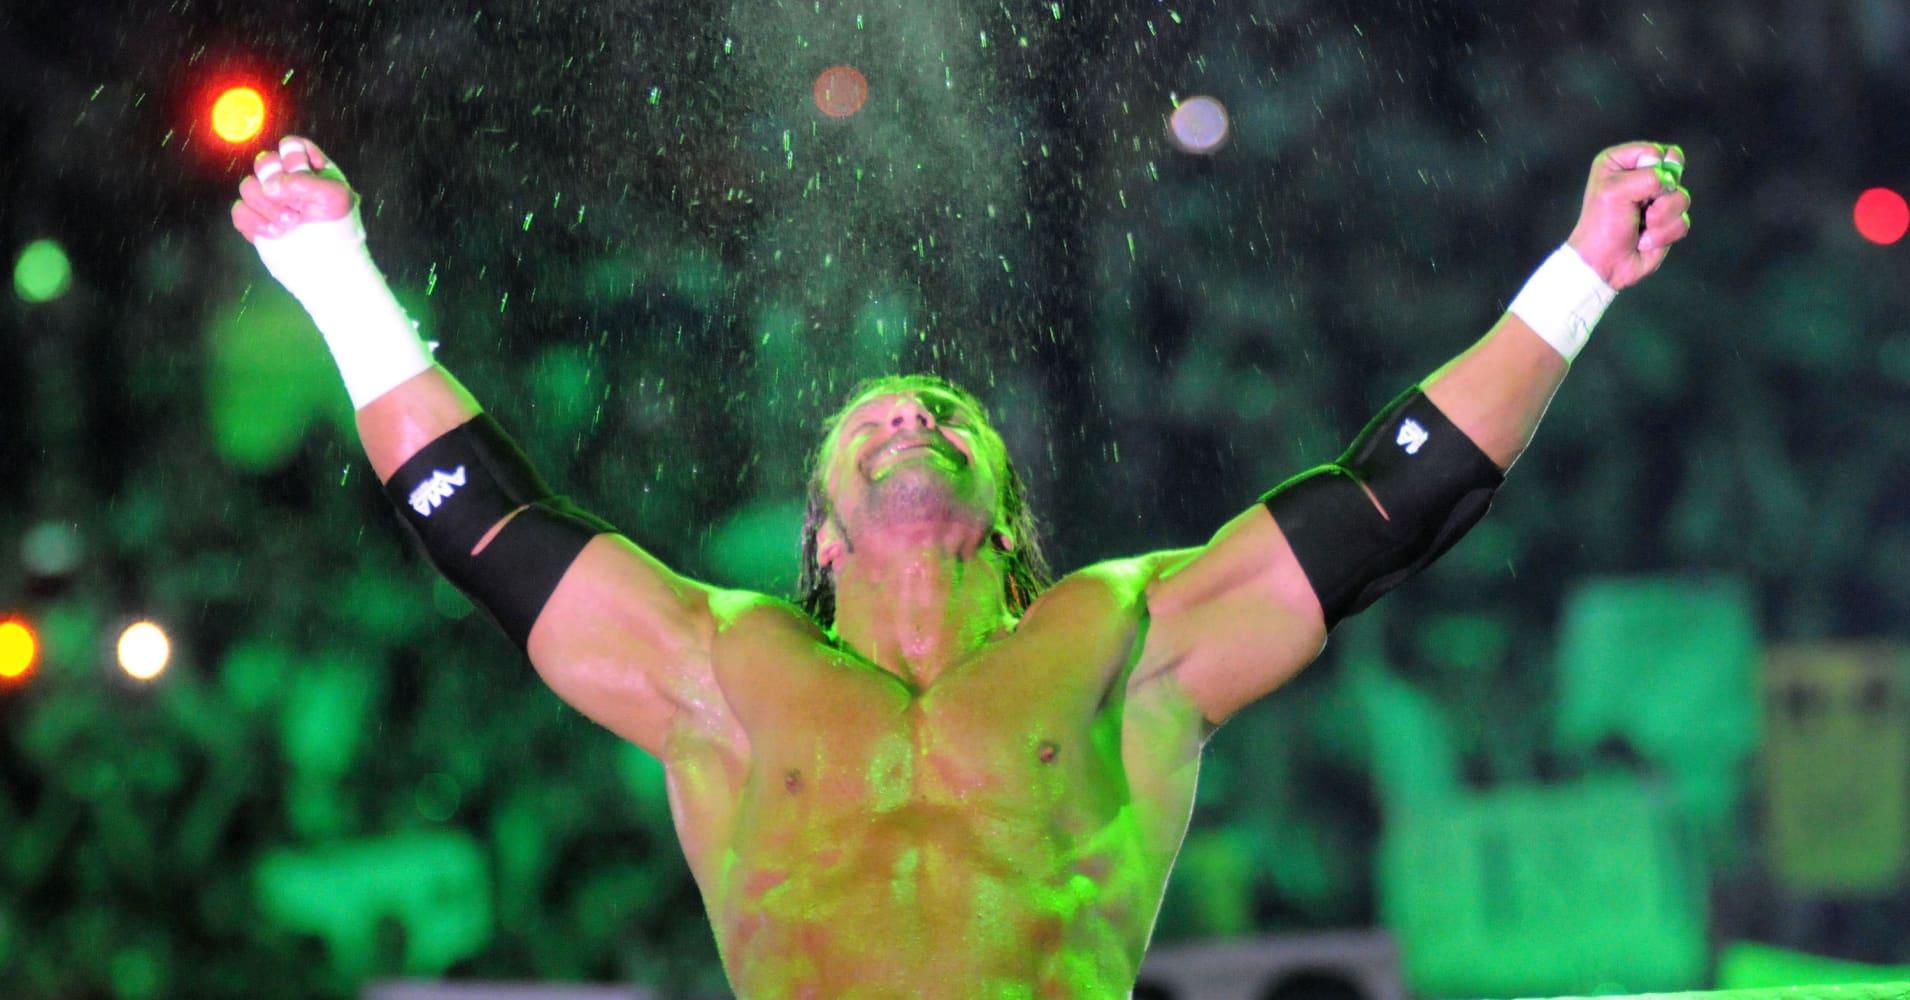 Wrestler Triple H performs for WrestleMania XXVII at Georgia Dome on April 3, 2011 in Atlanta, Georgia.